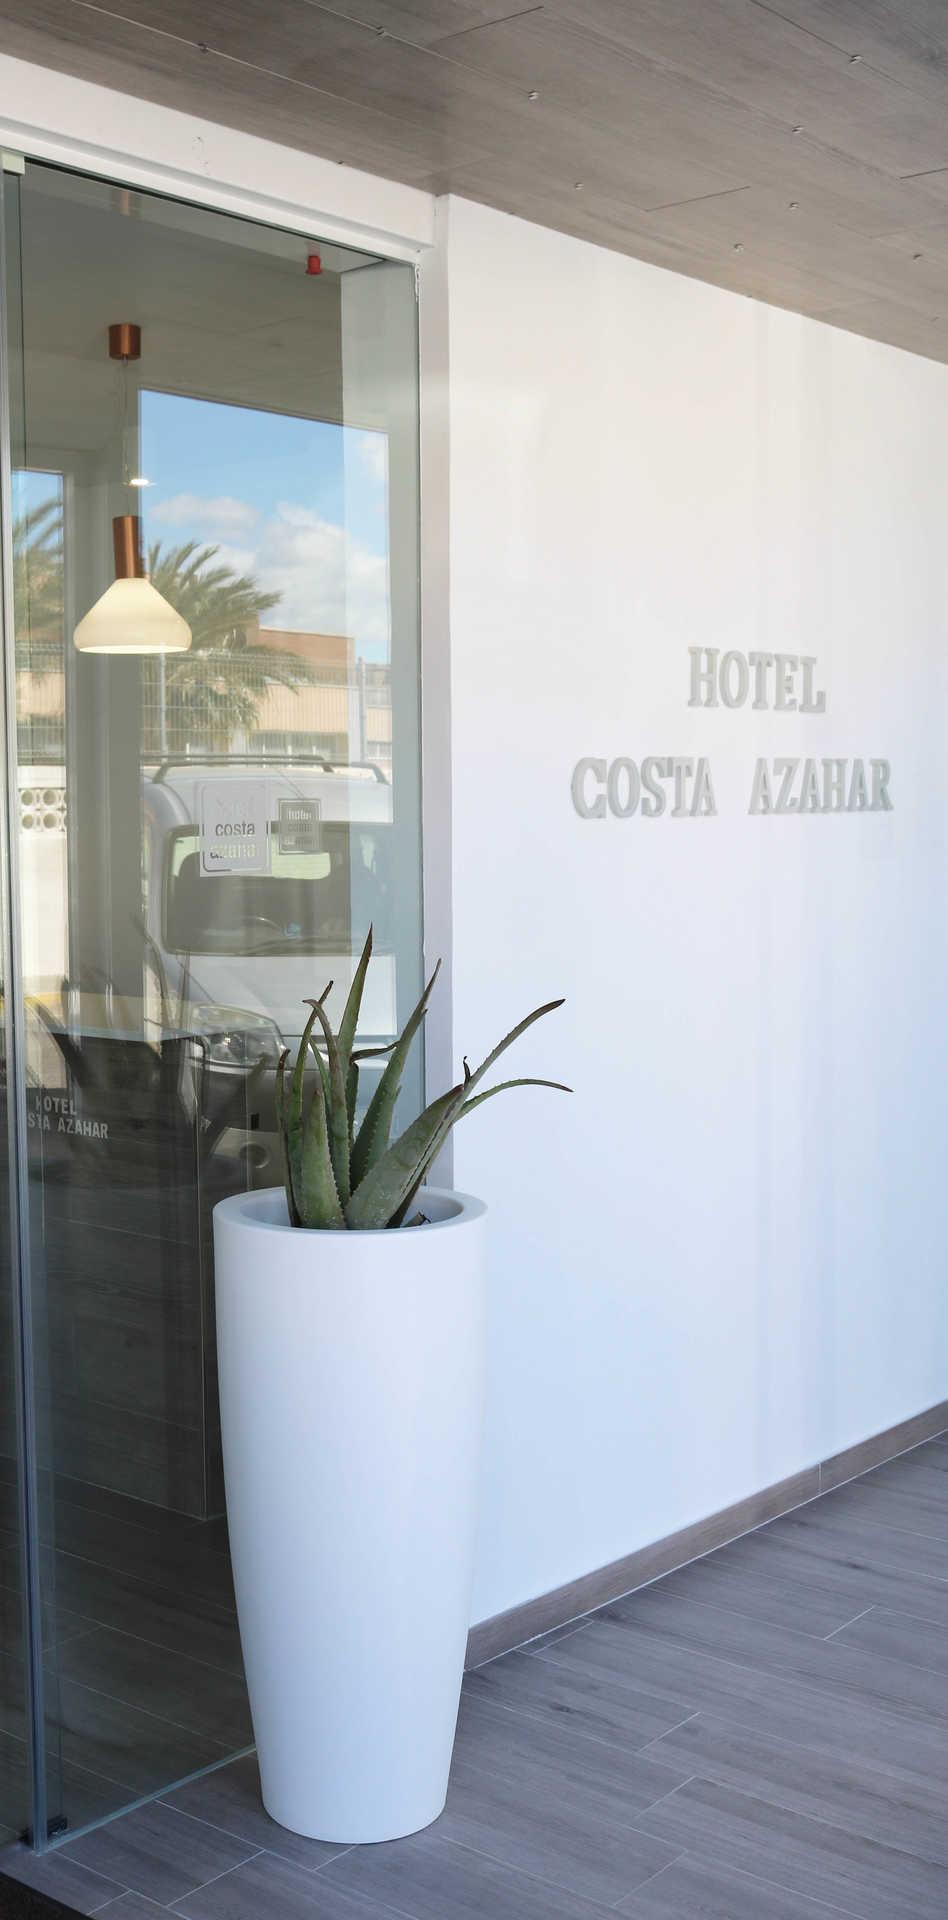 COSTA AZAHAR HOTELES